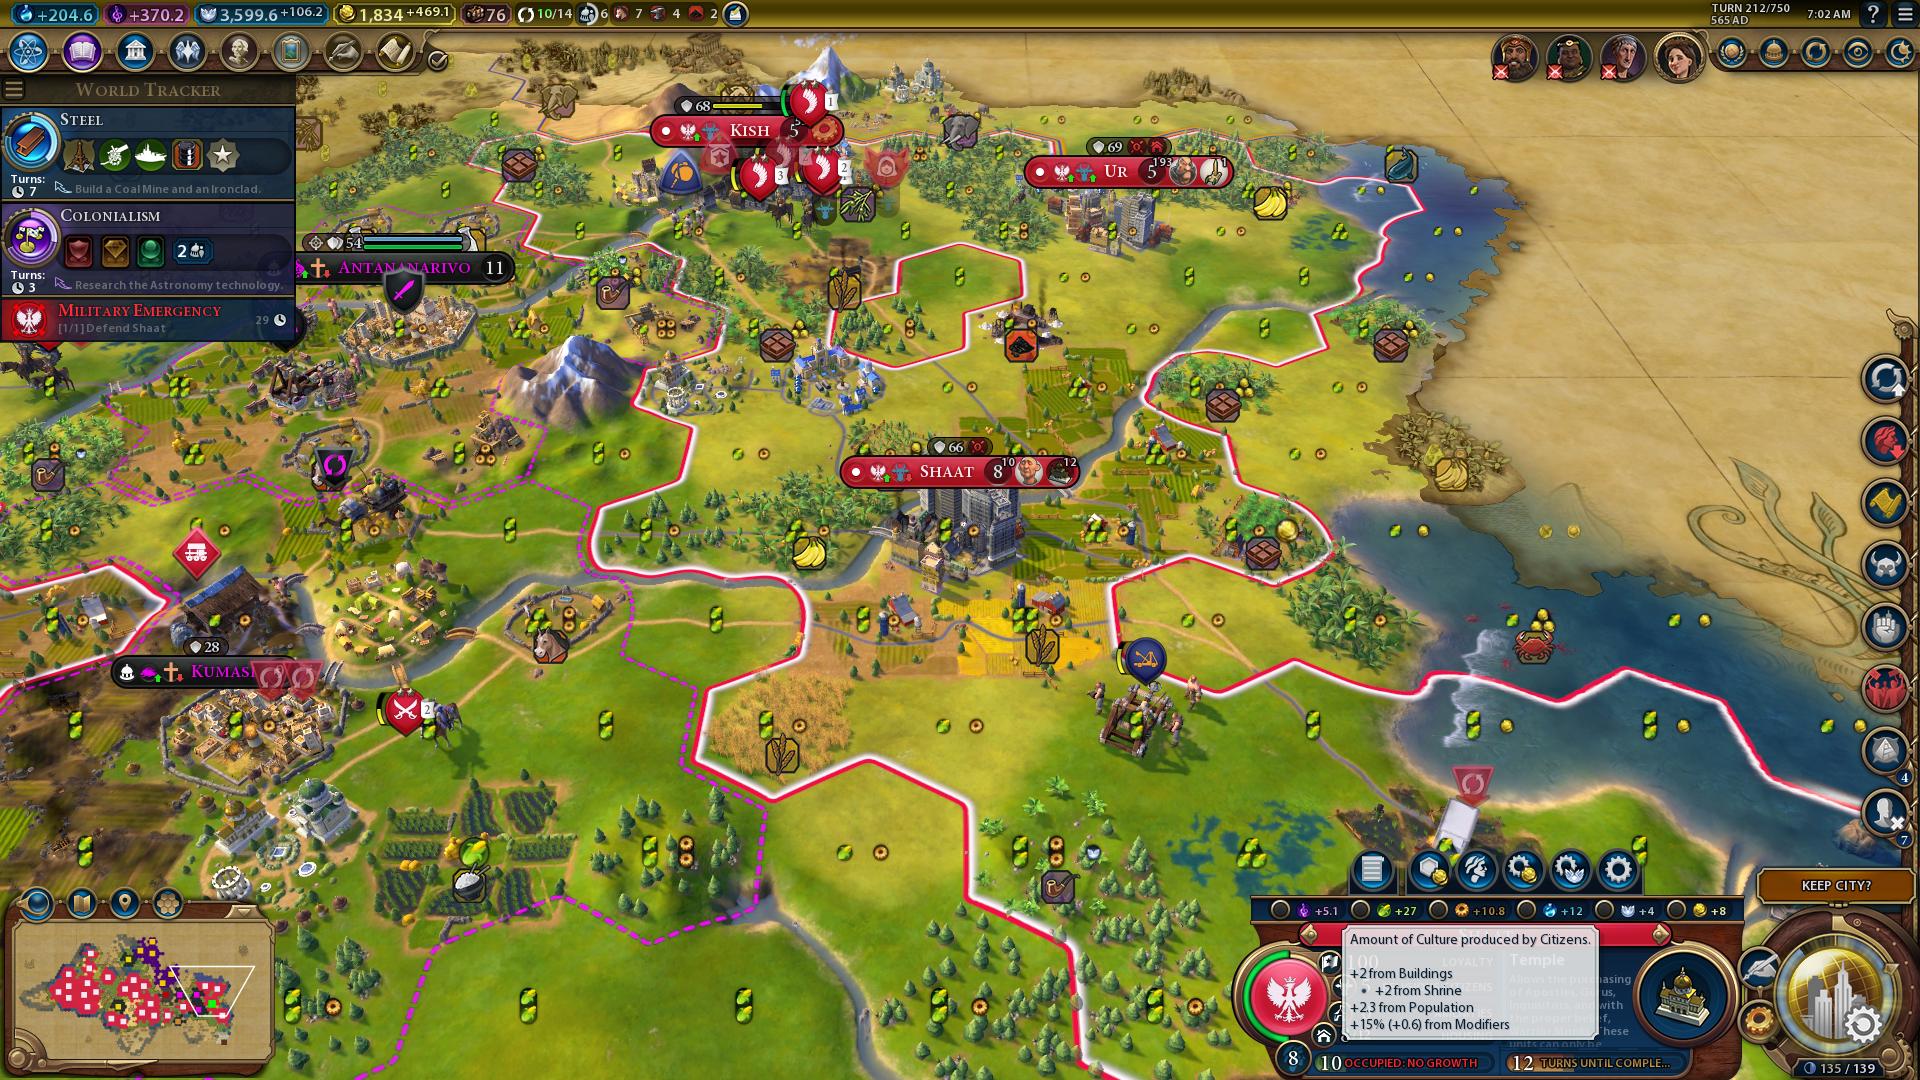 Sid Meier's Civilization VI (DX11) 8_23_2018 7_02_16 AM.png